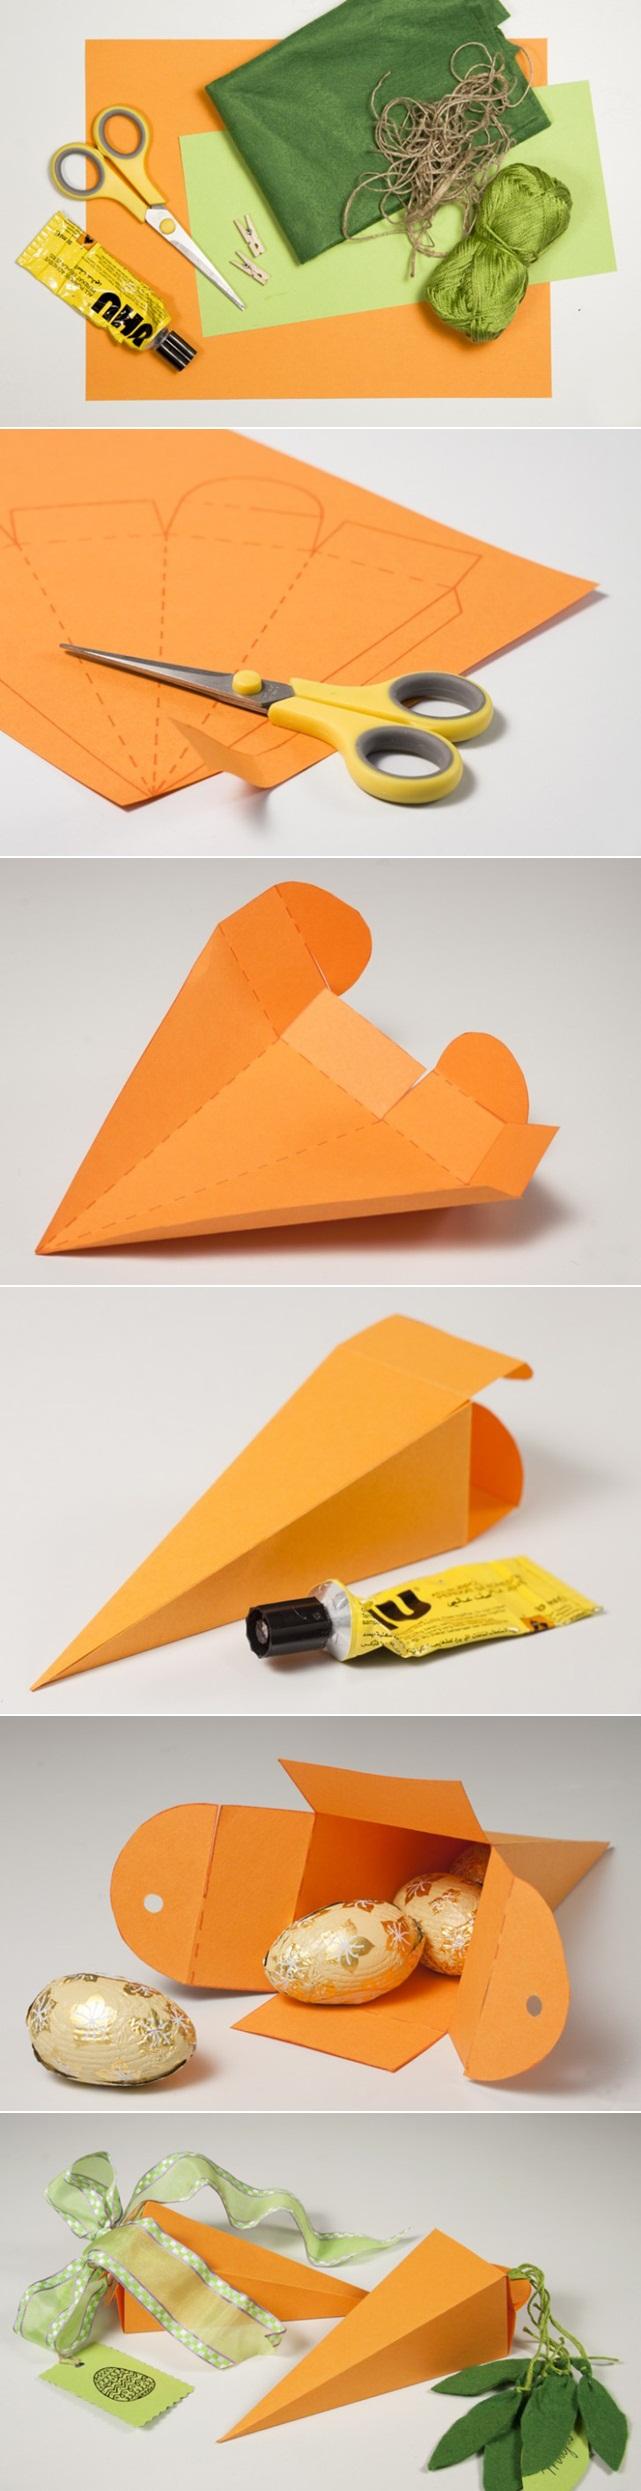 How To Make A Paper Cone Cap